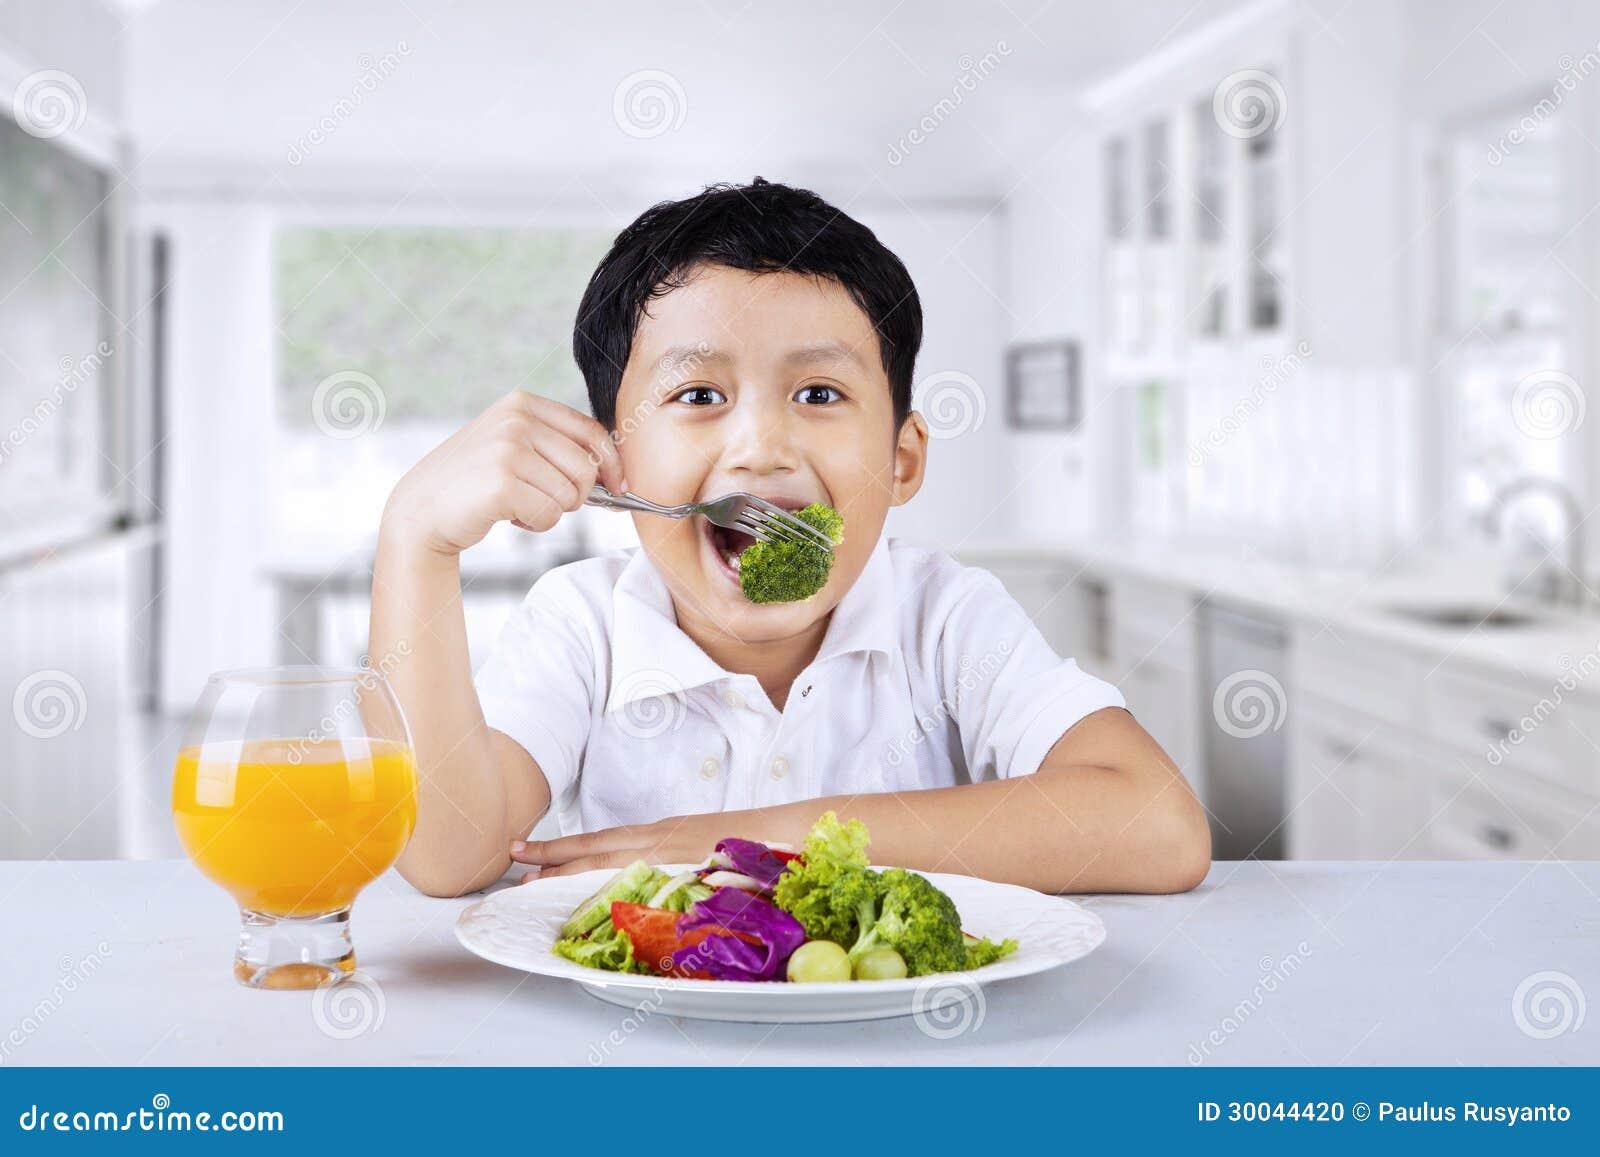 Junge, der zu Hause Brokkoli isst